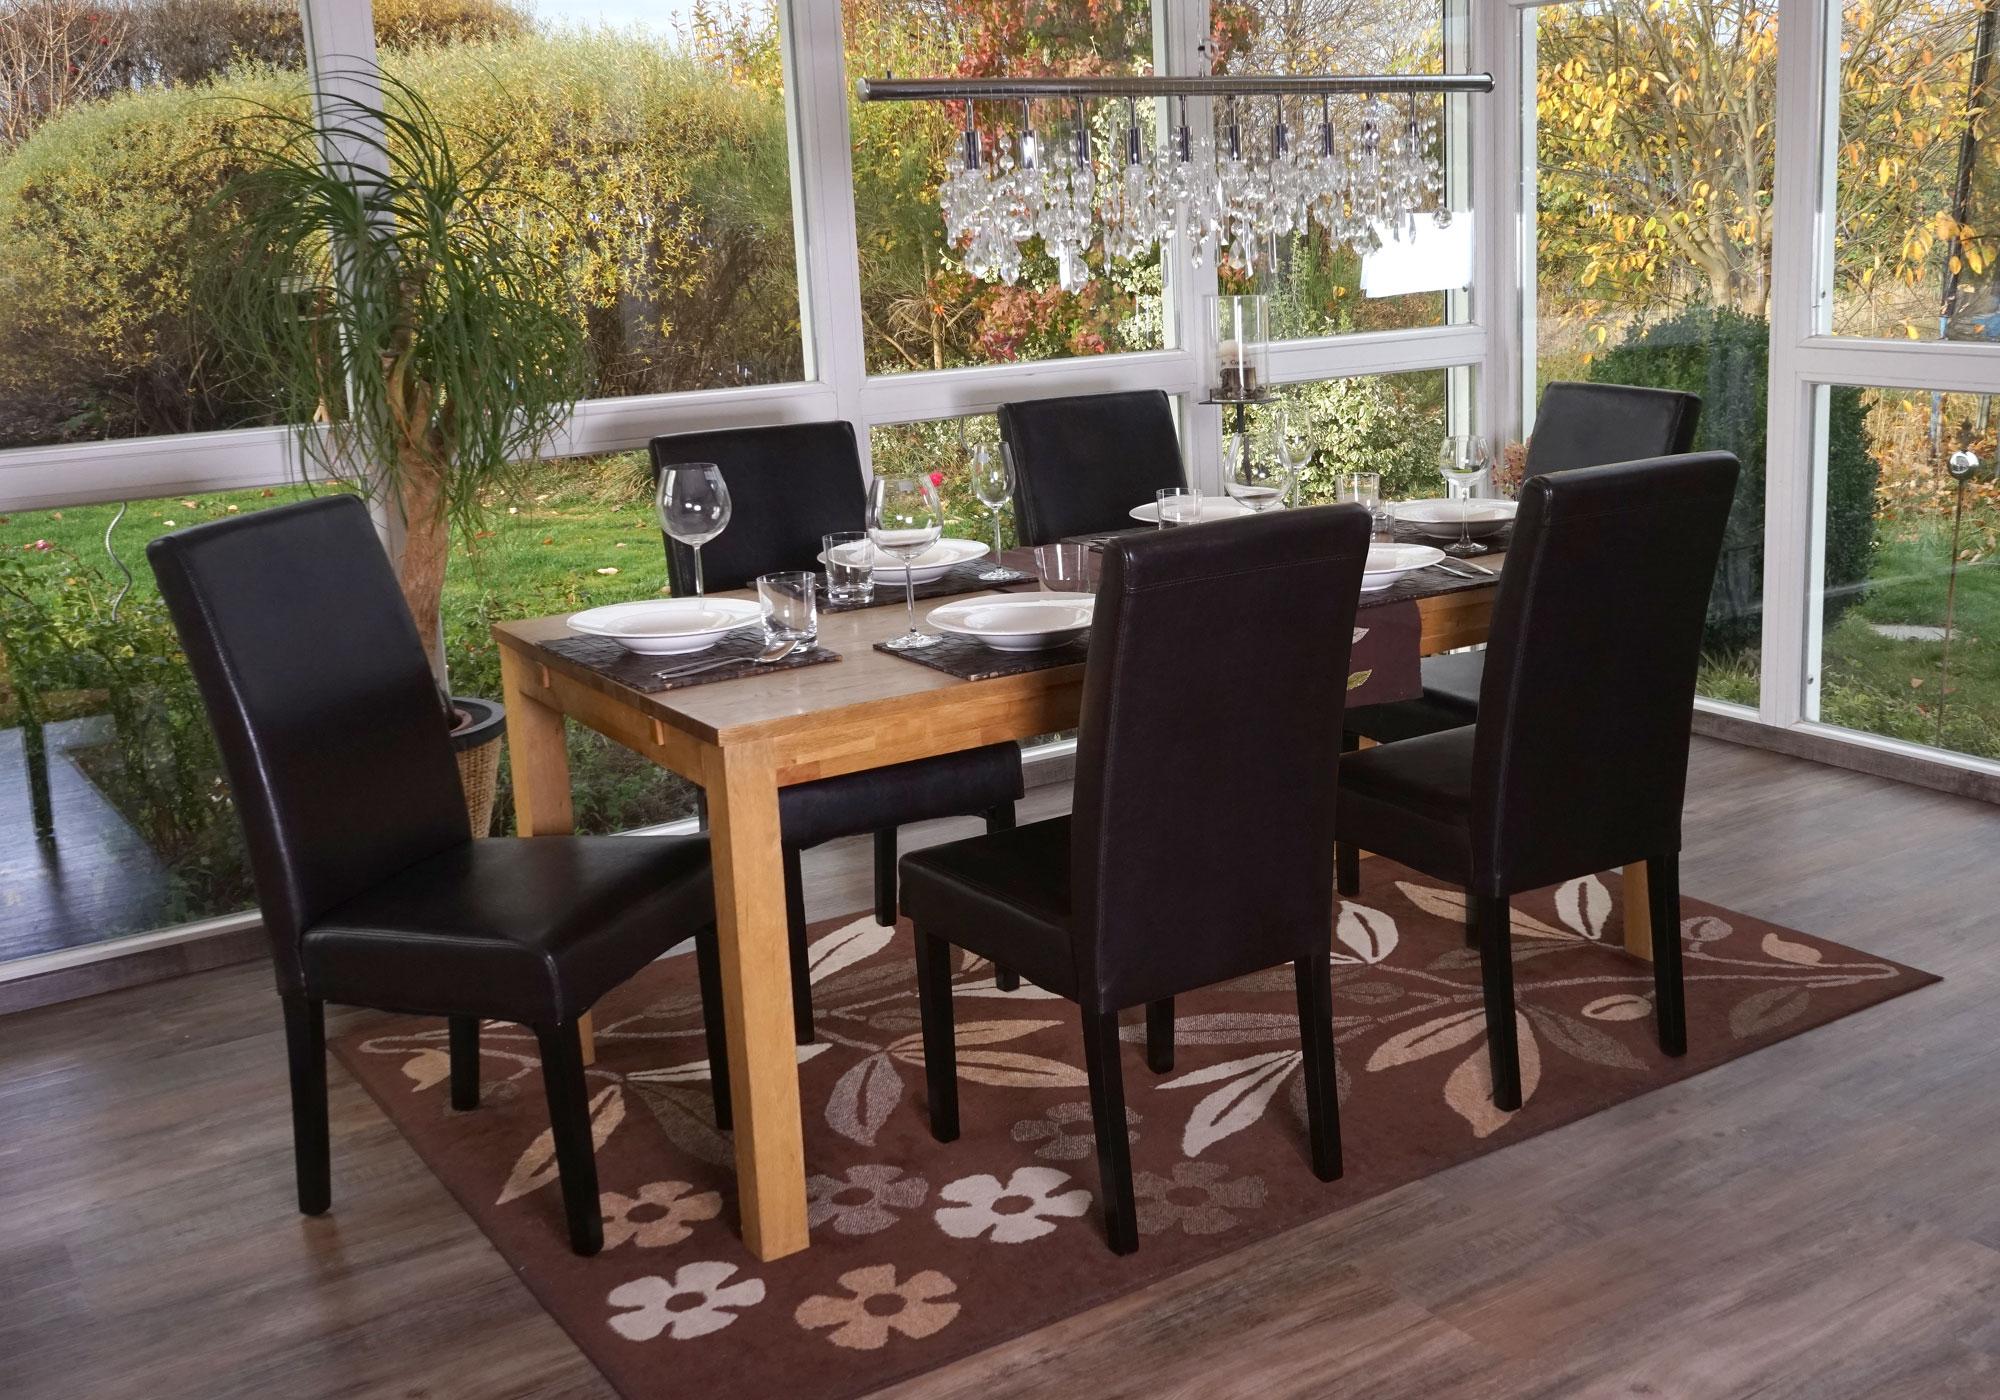 6x esszimmerstuhl t378 xl stuhl lehnstuhl kunstleder schwarz dunkle beine. Black Bedroom Furniture Sets. Home Design Ideas